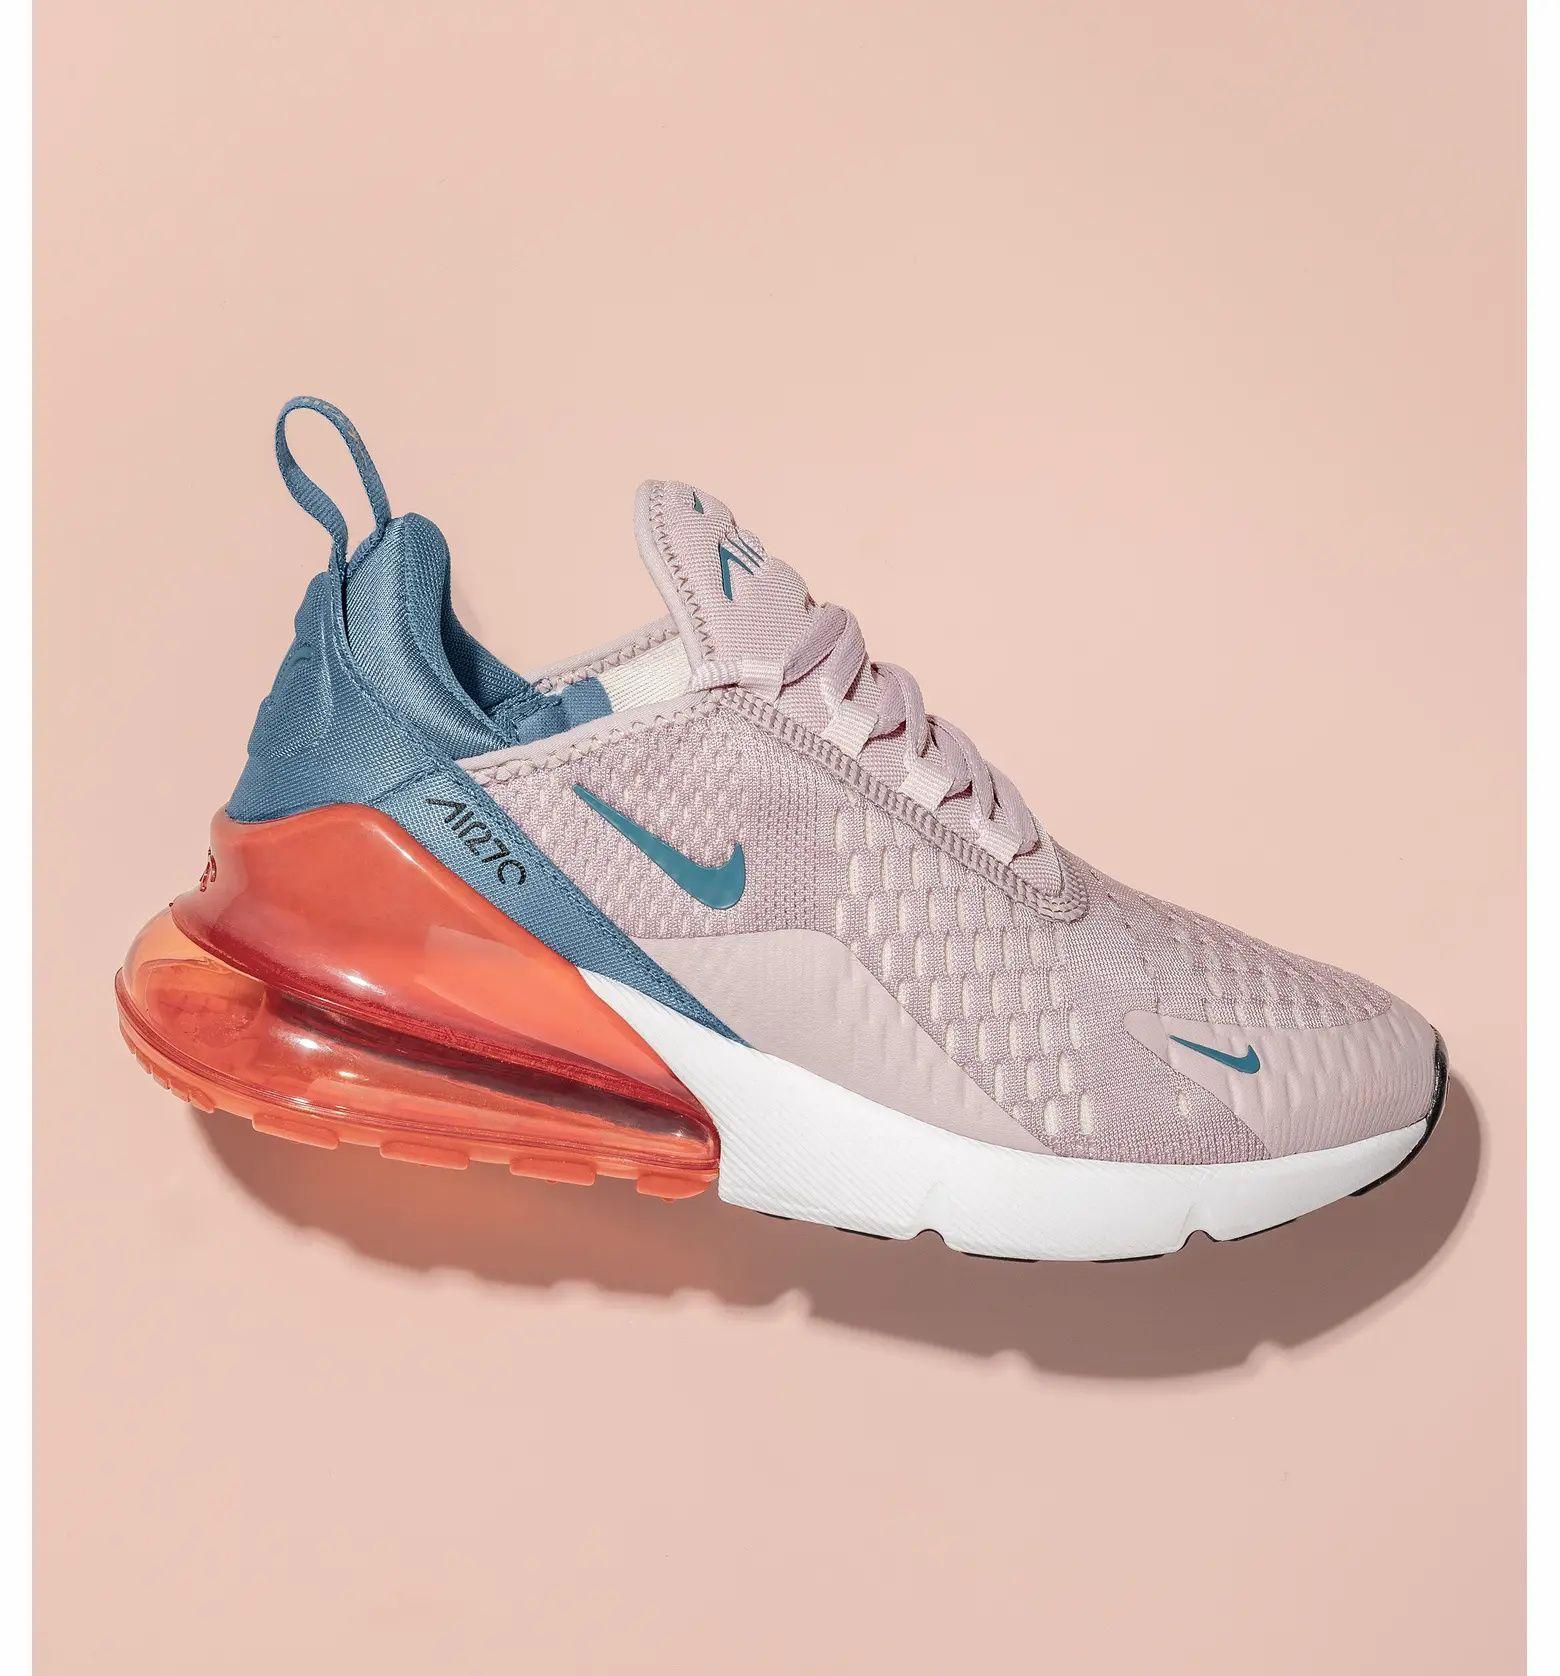 Nike Air Max 270 Premium Sneaker (Women